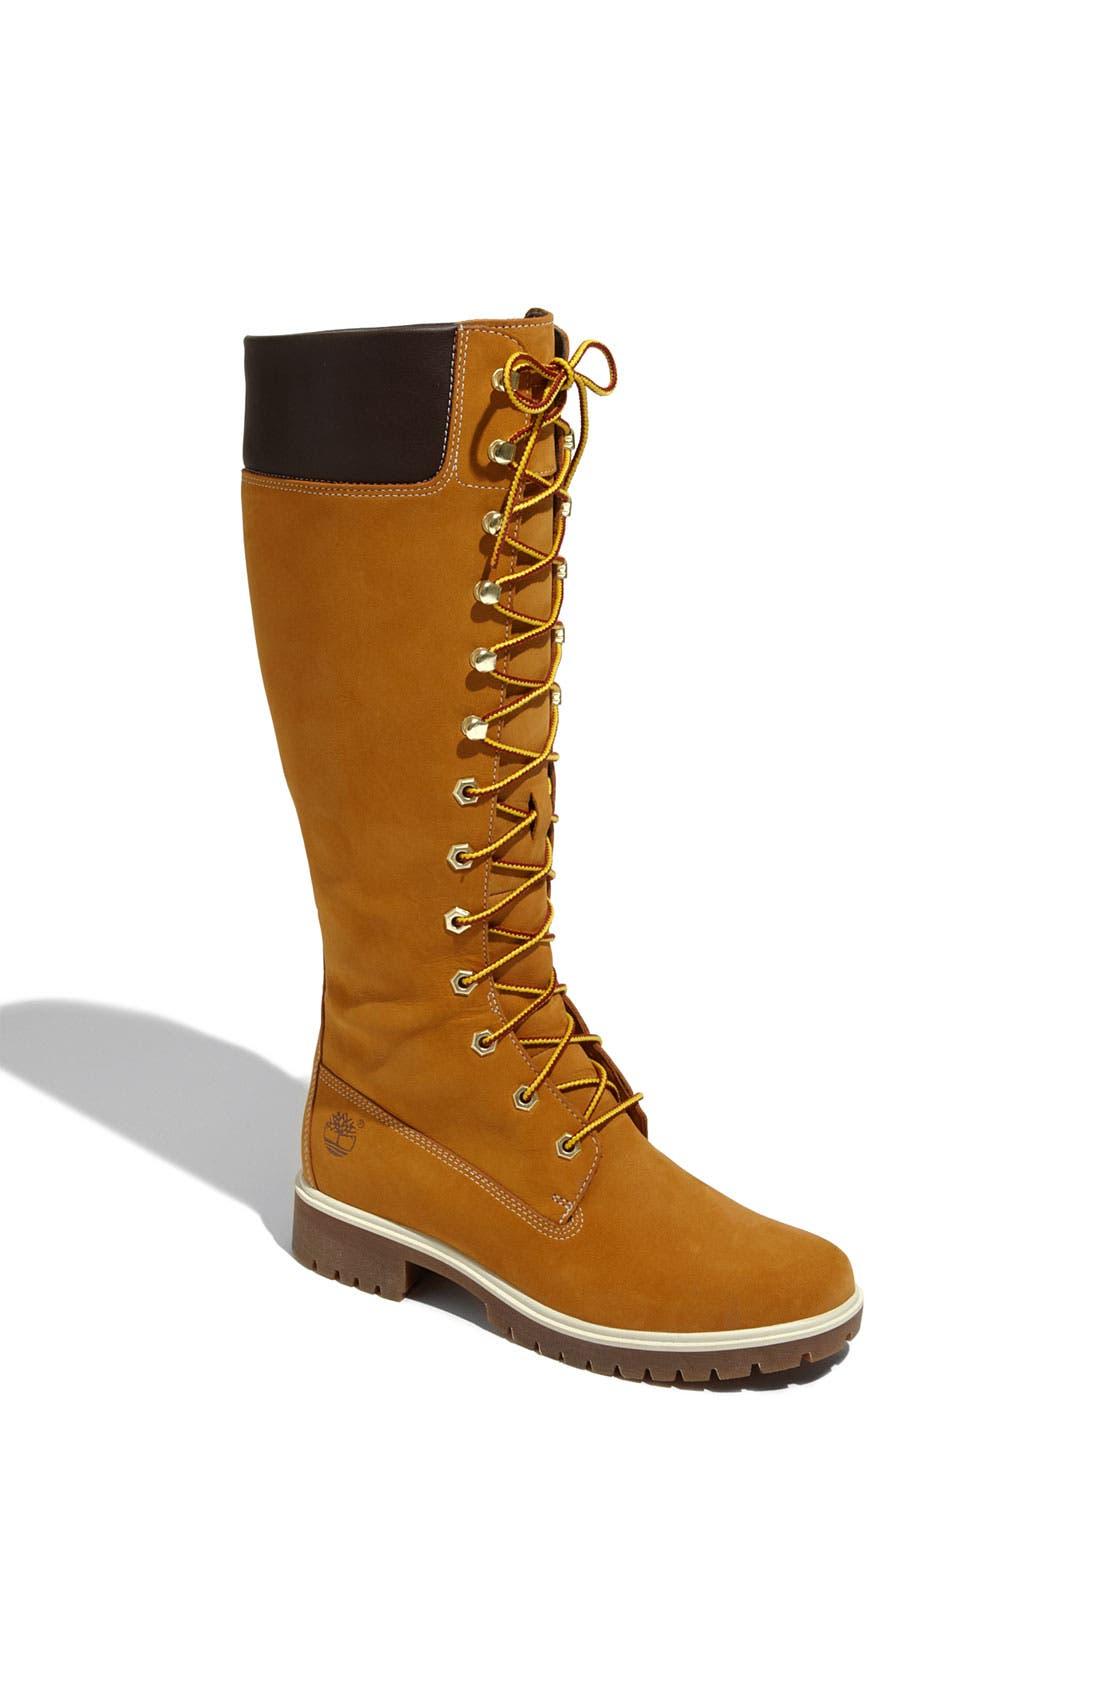 Main Image - Timberland 'Premium Classic' Boot